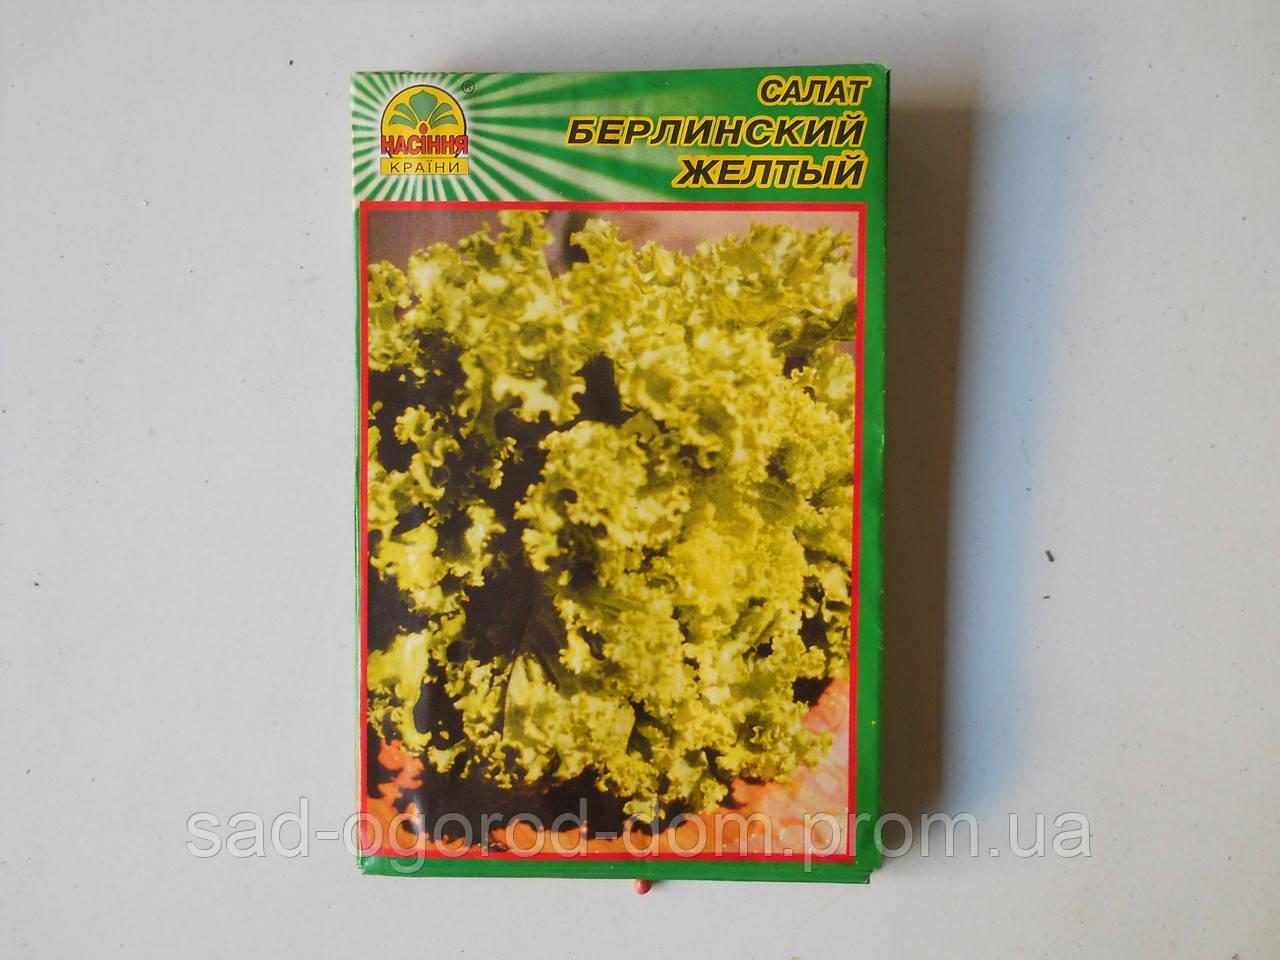 Салат Берлинский желтый 0,5г